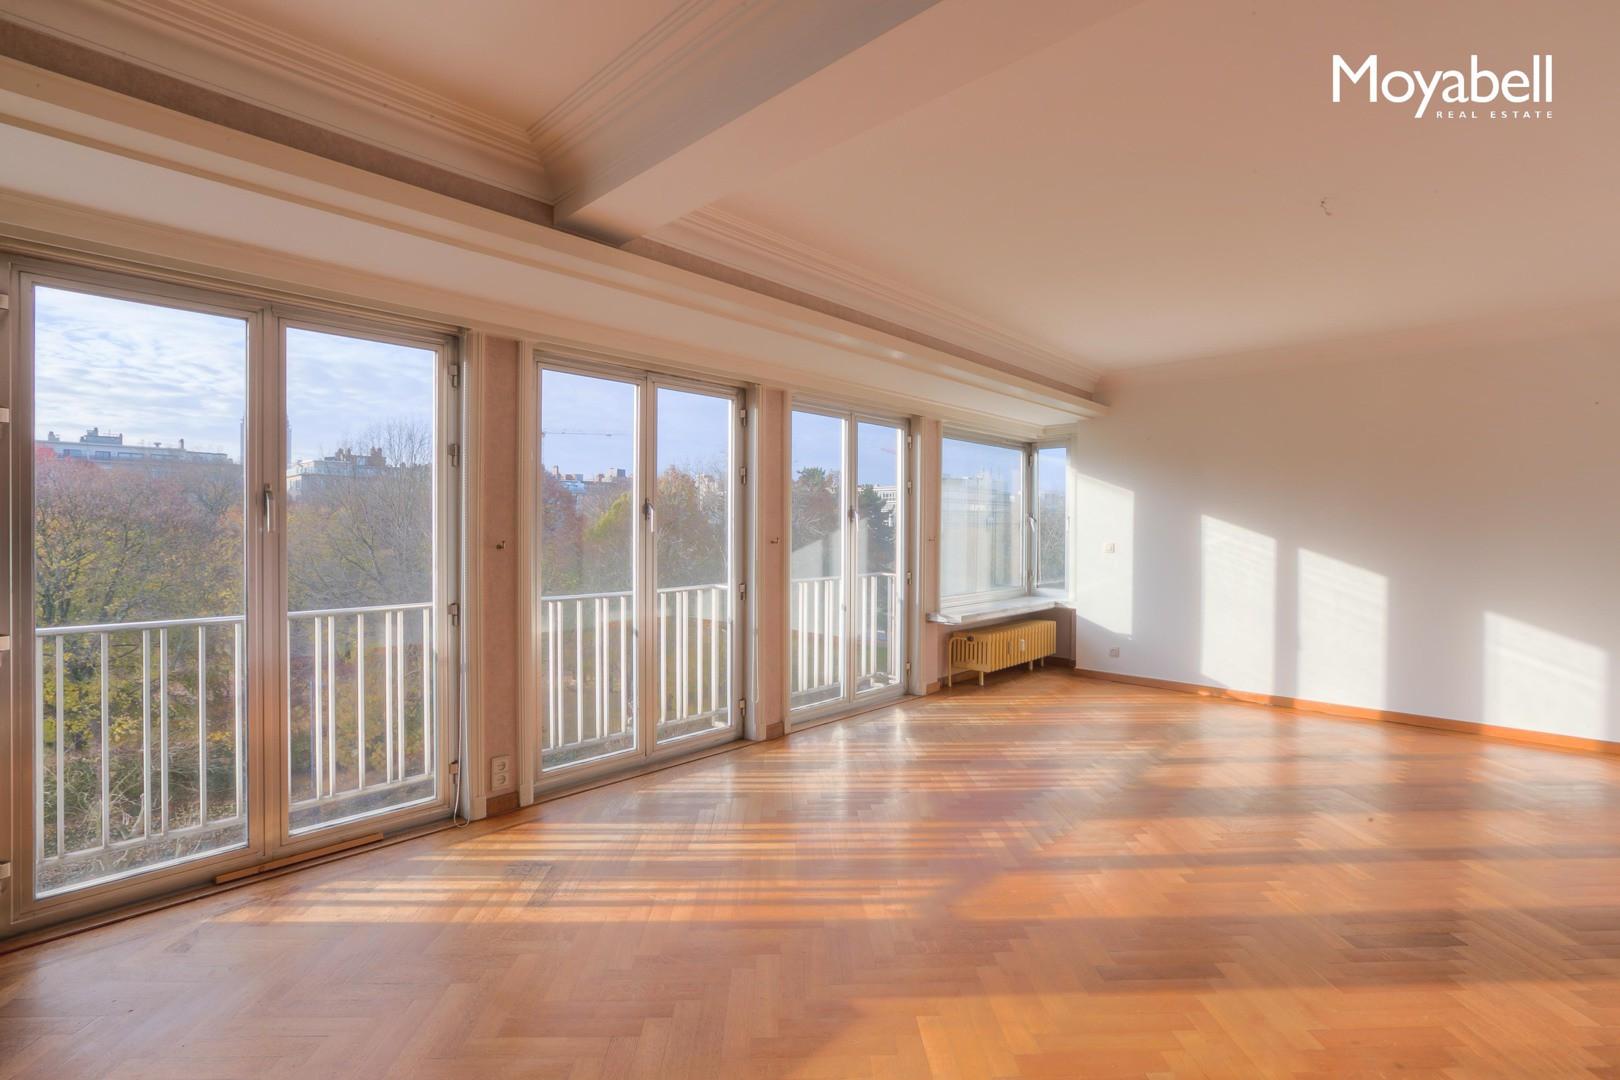 4 slaapkamer appartement met terras en panoramisch uitzicht op het Zuidpark